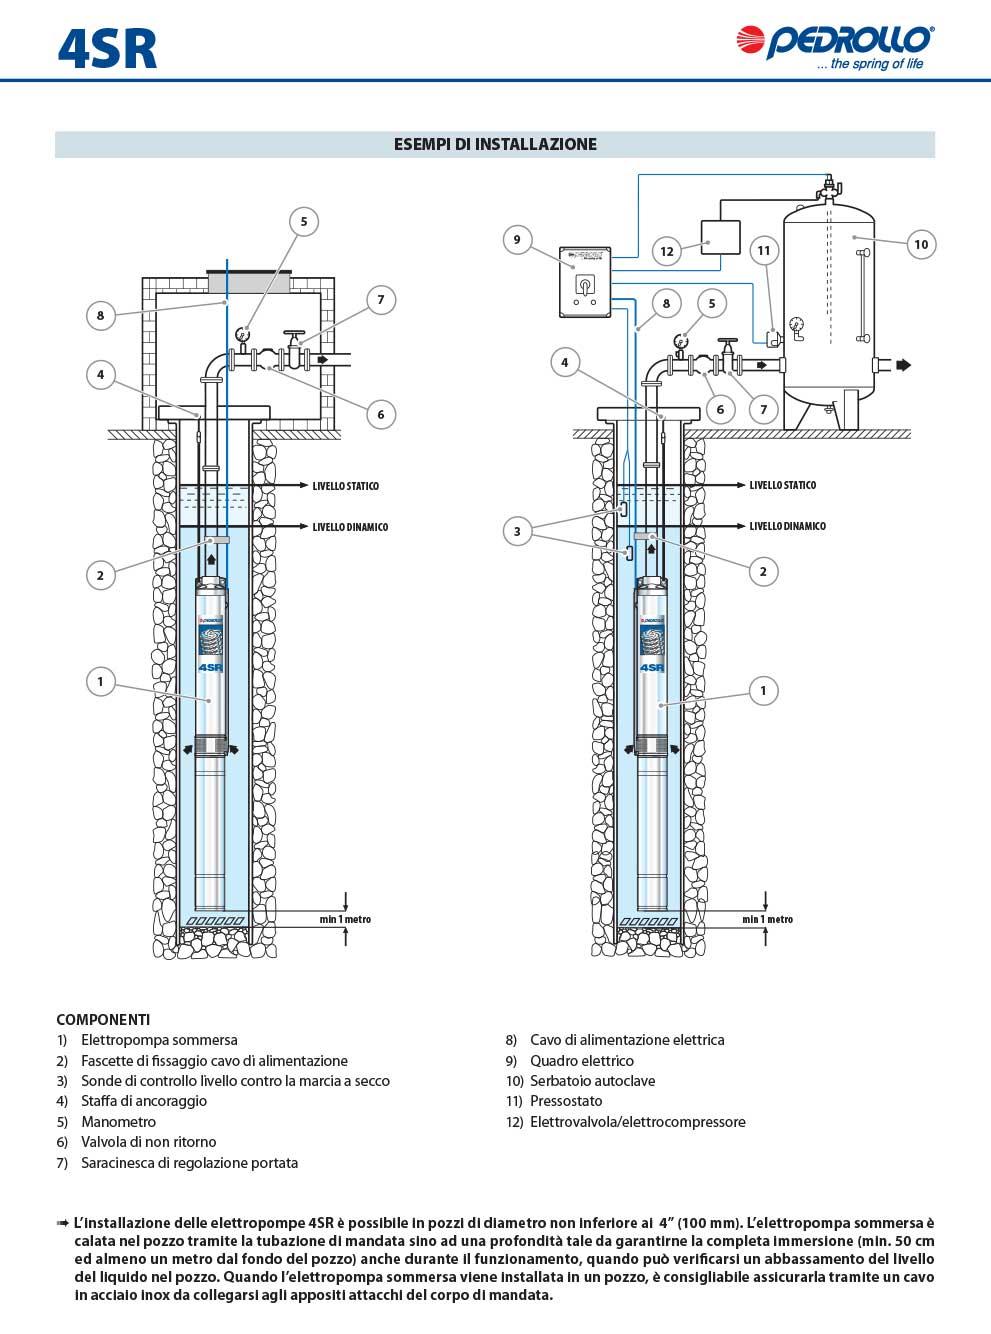 Schema Quadro Elettrico Per Pompa Sommersa : Pedrollo sr m pd elettropompa sommersa hp